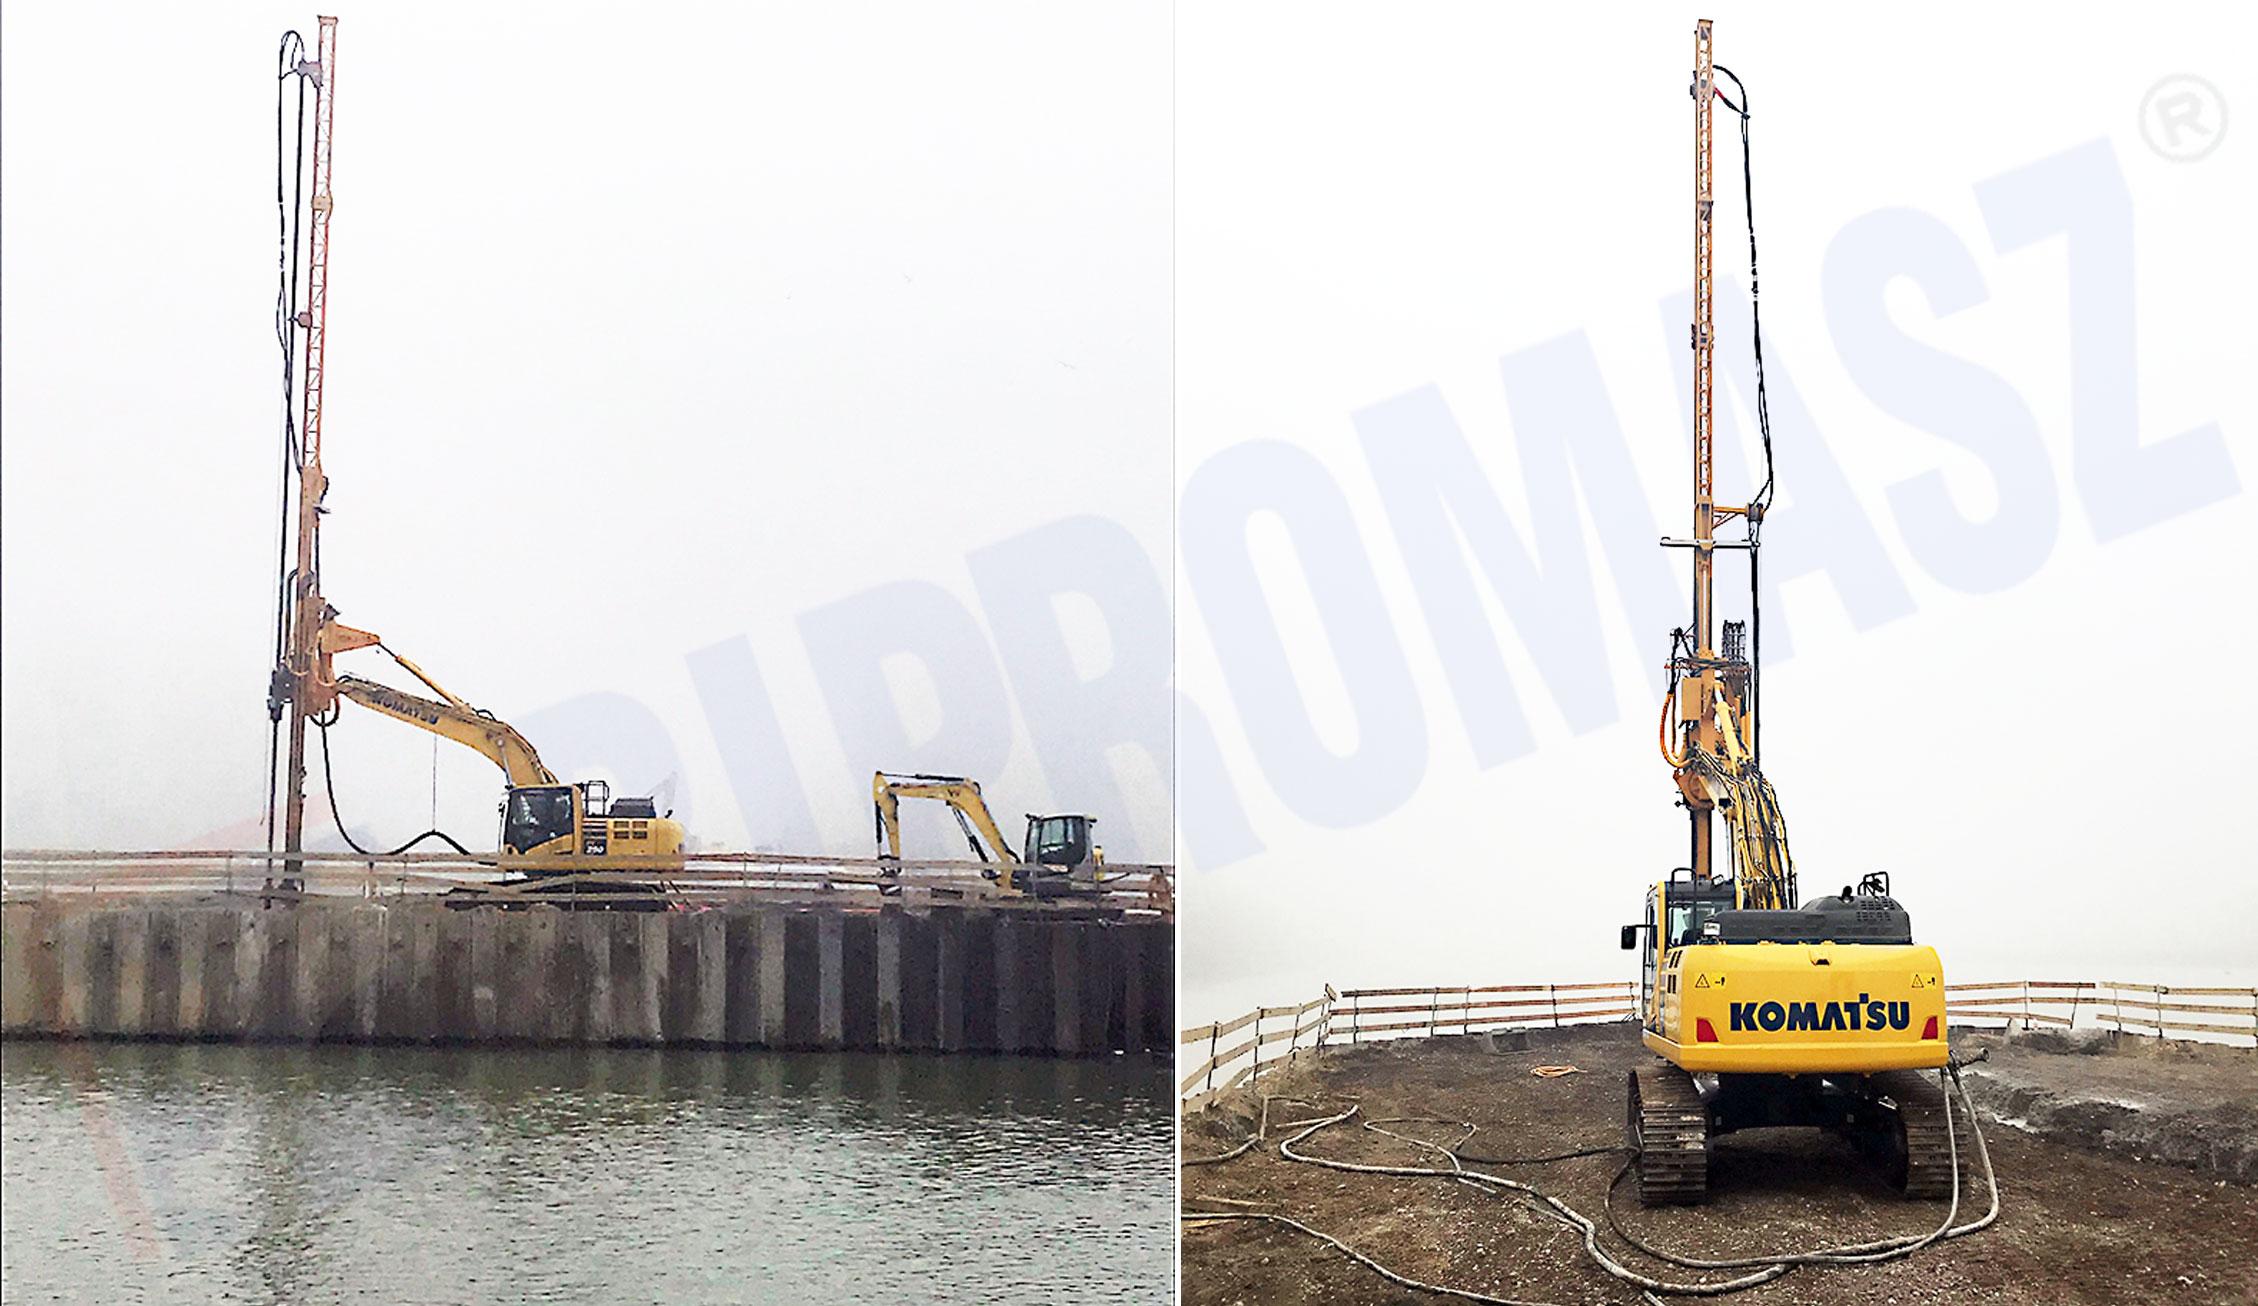 Zdjęcia z placu budowy w Bratysławie – fundamenty na nabrzeżu rzeki Dunaj - wykonanie firmy Bipromasz